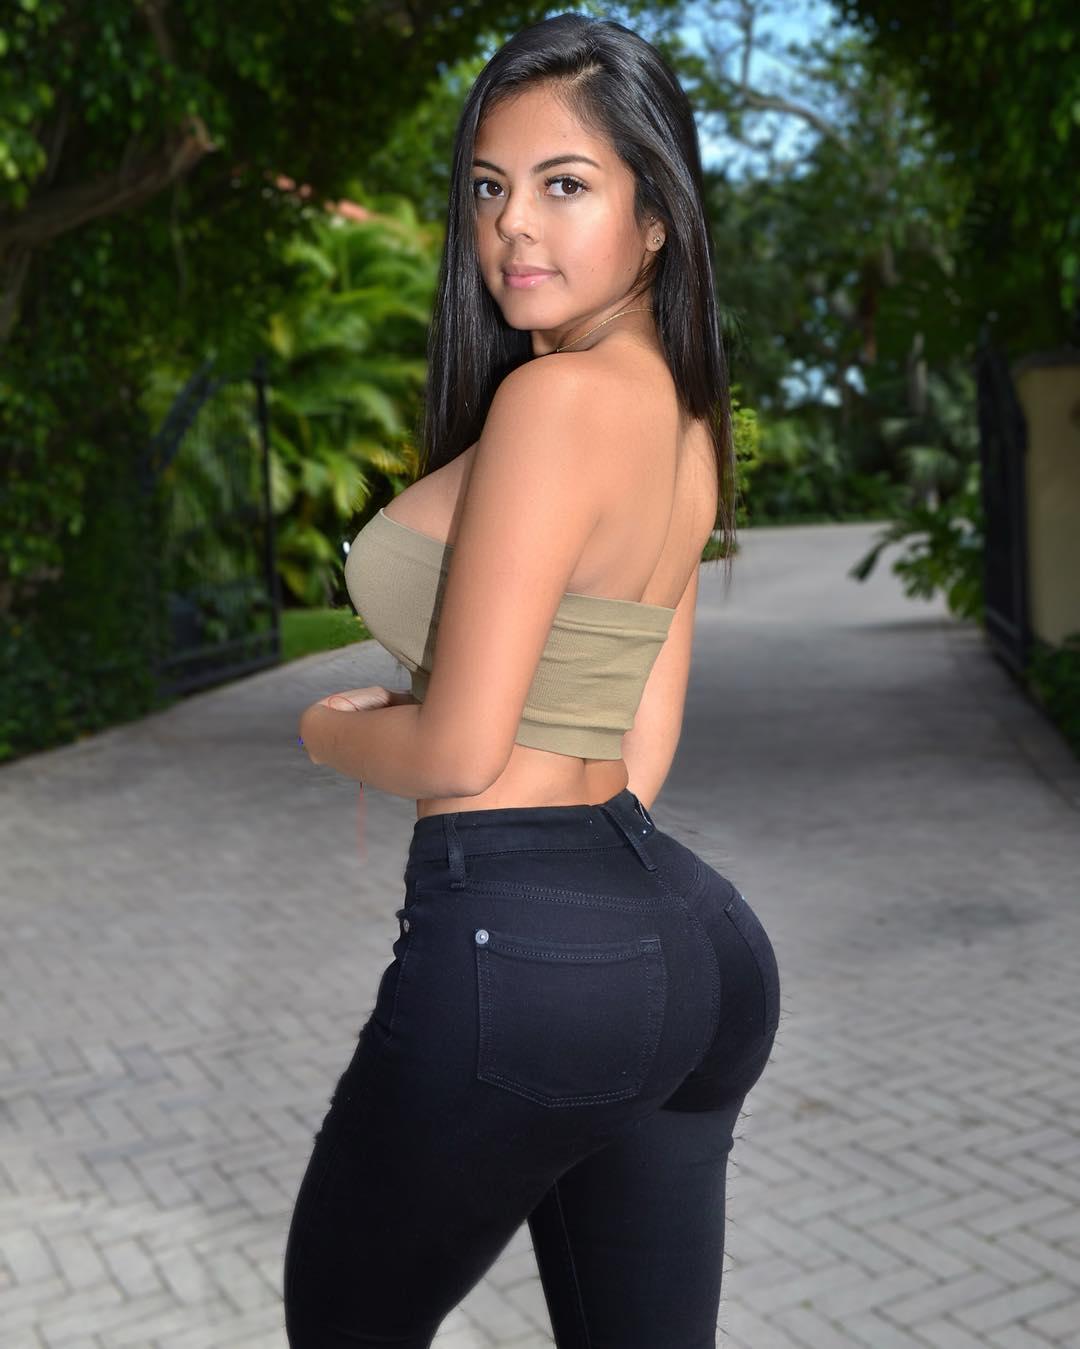 musa fitness nicole borda colombiana gostosa demais 11